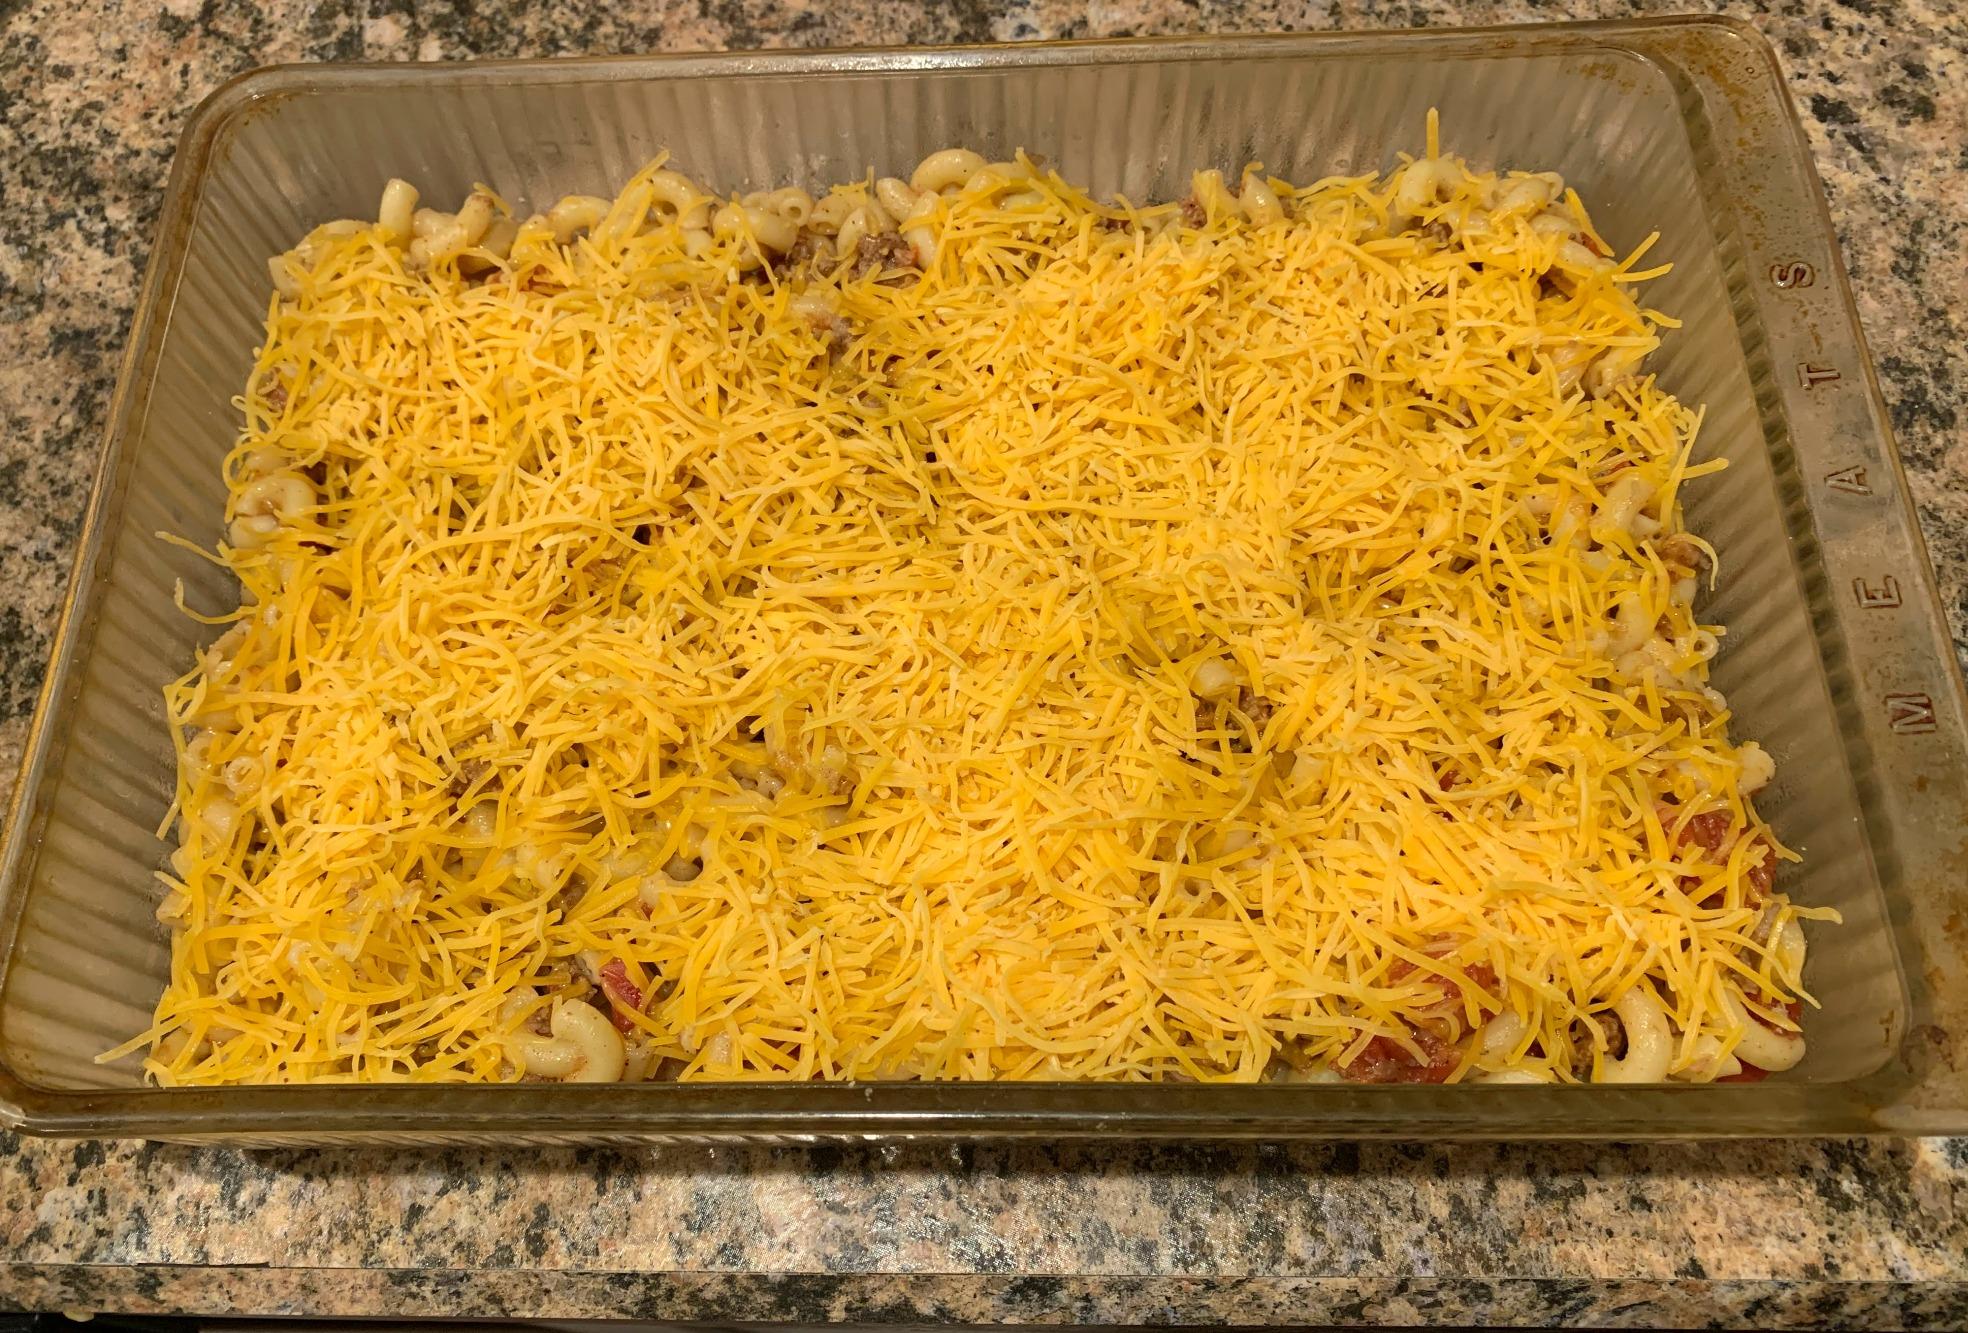 glass casserole pan with unbaked chili mac casserole